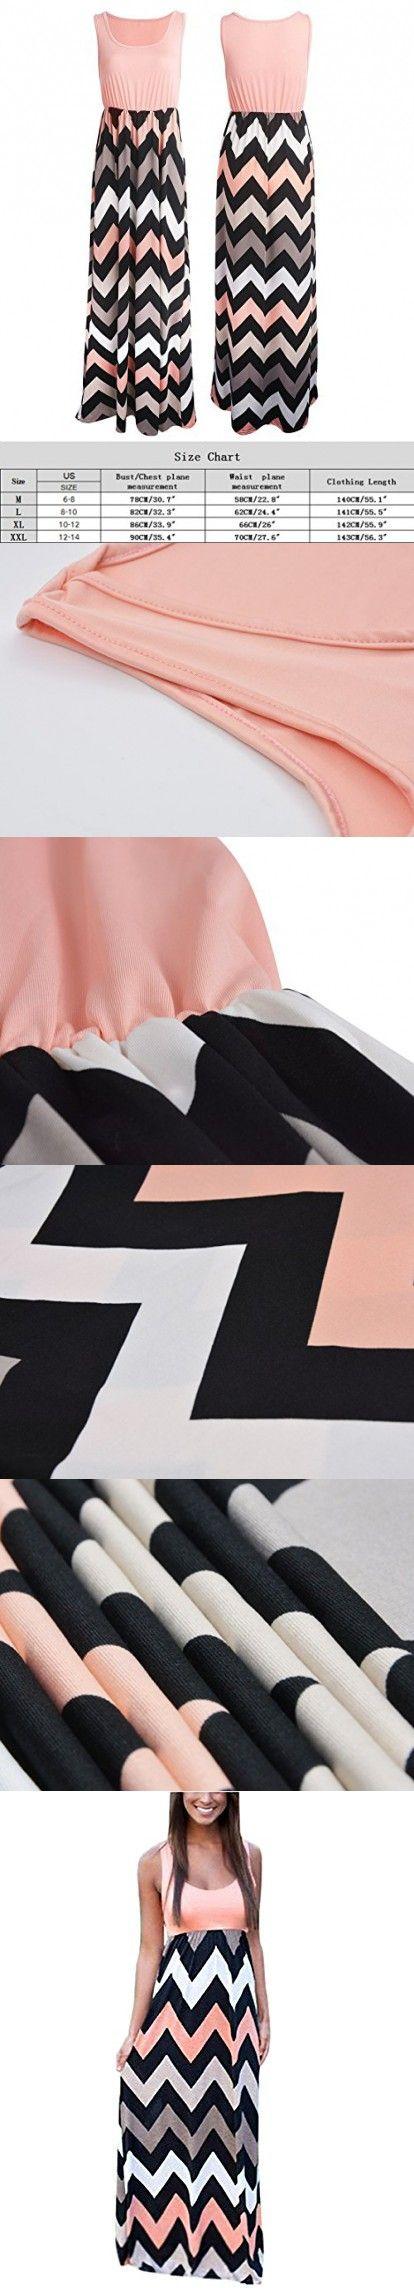 Women Summer Maxi Dress Striped Sleeveless Casual Beach Party Dress Pink XX-Large